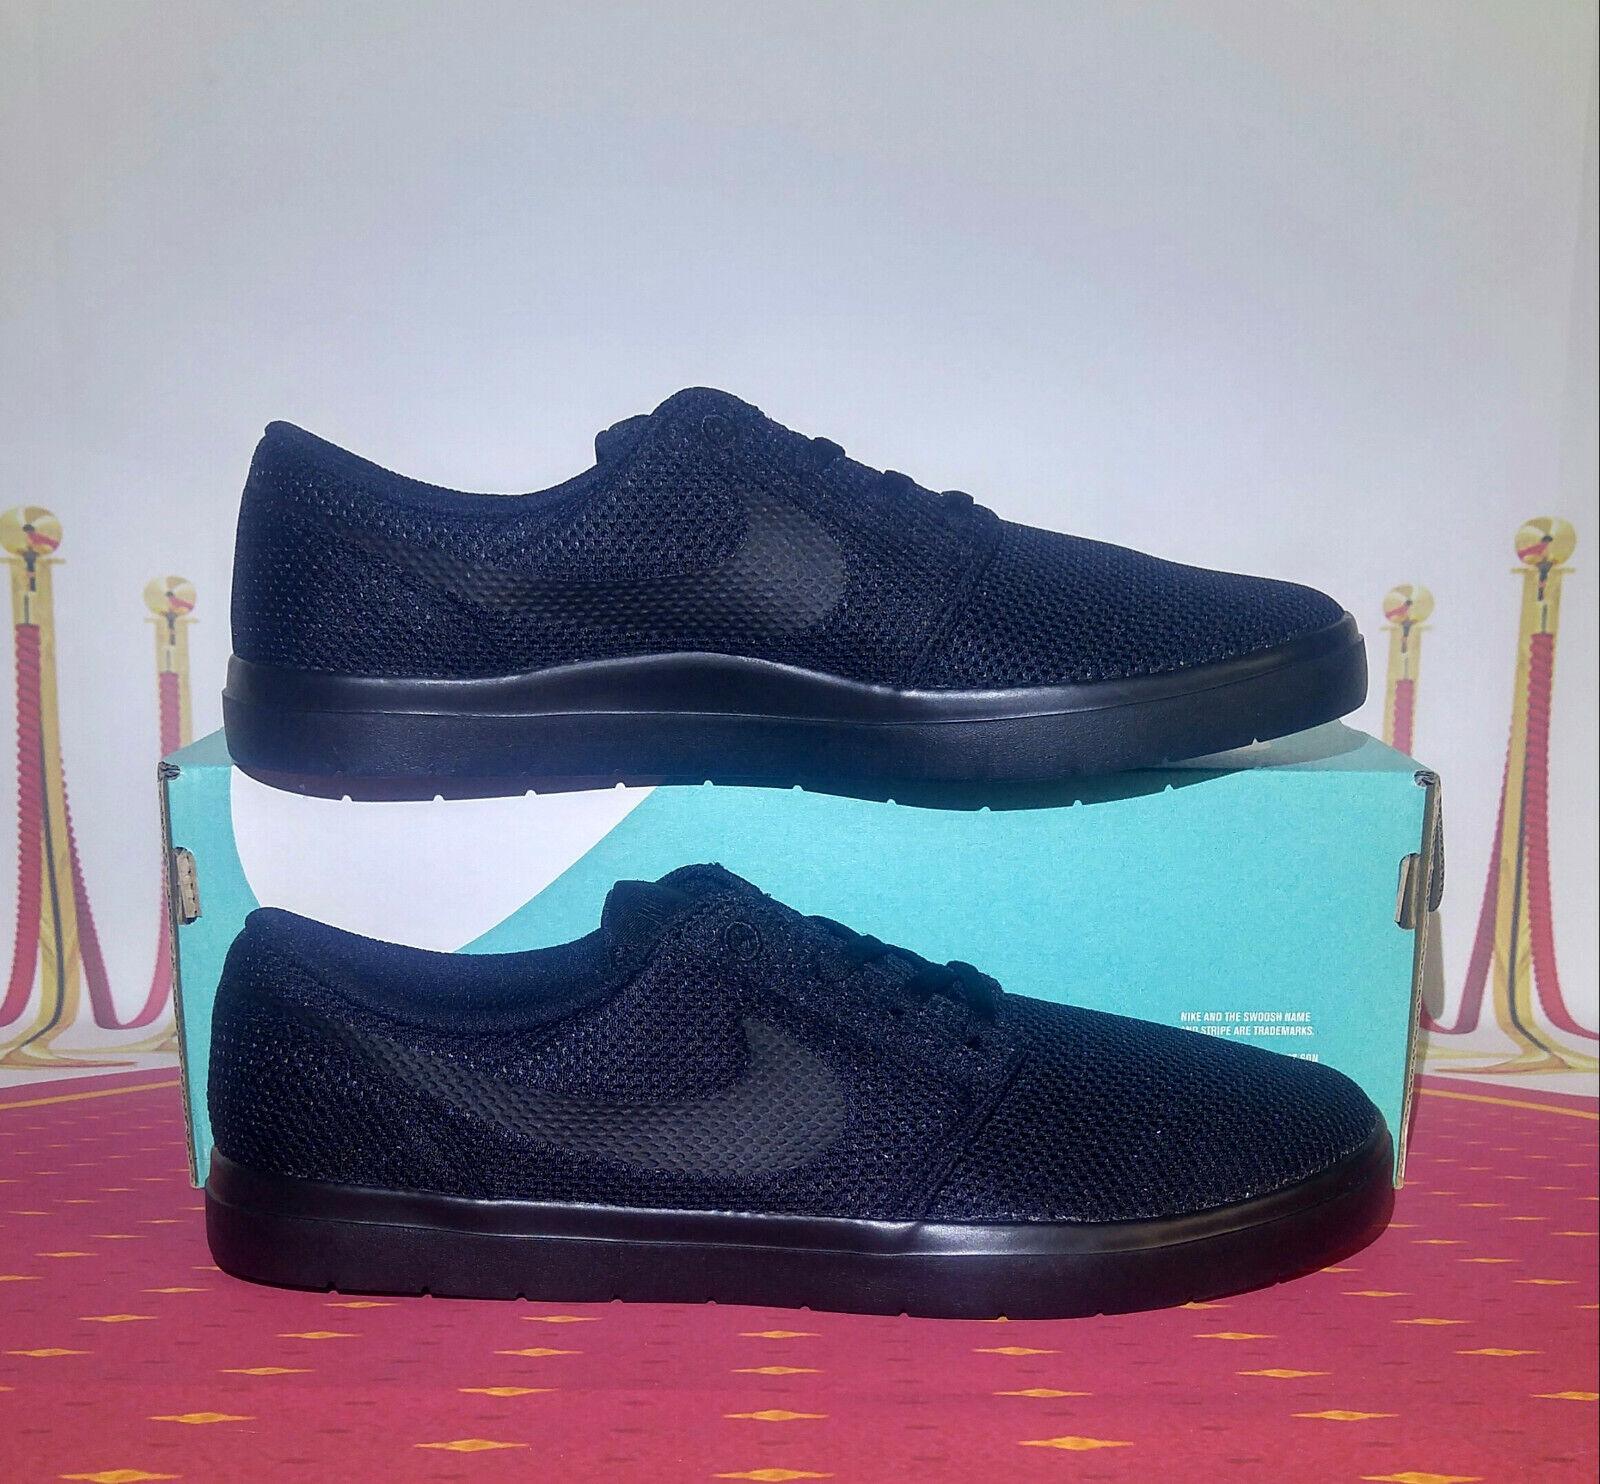 NIKE SB  Portmore ll UltraLight 880271 001 Le scarpe da ginnastica per uomo dimensioni 8.5 -9 -10 NUOVO  servizio onesto